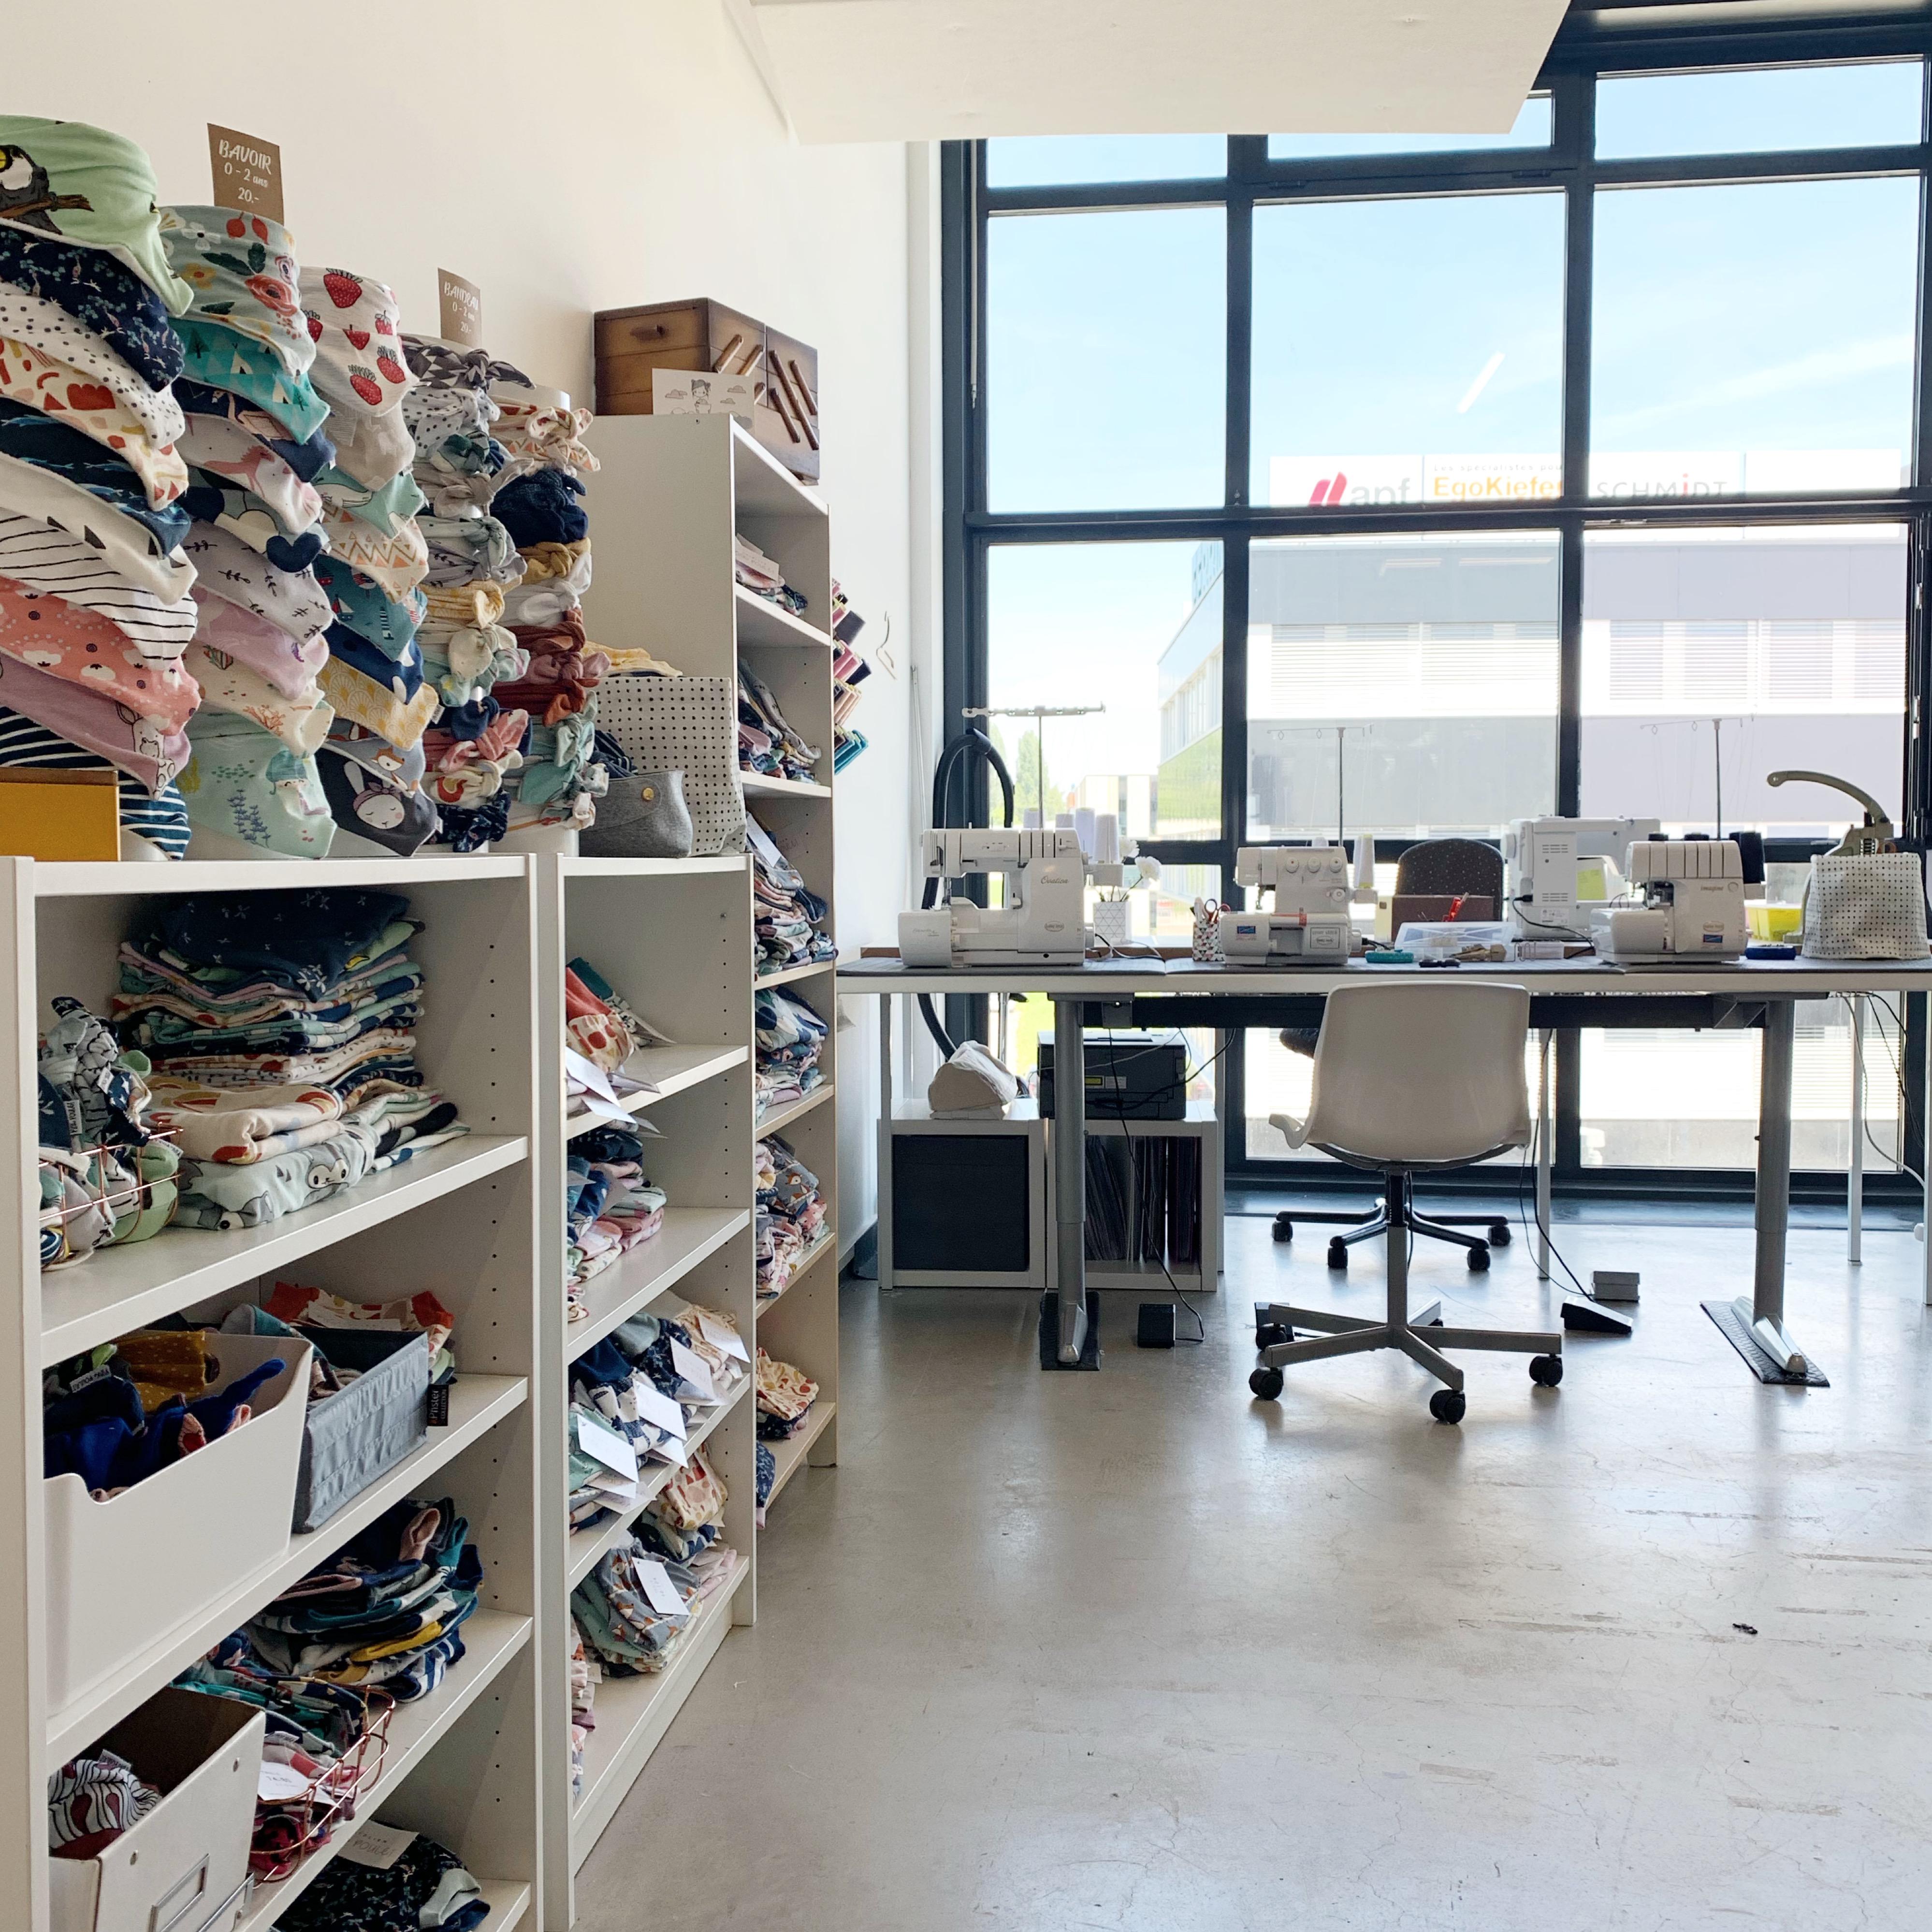 atelier 225E du bâtiment des Ateliers de la Côte, centre artistique culturel à Etoy